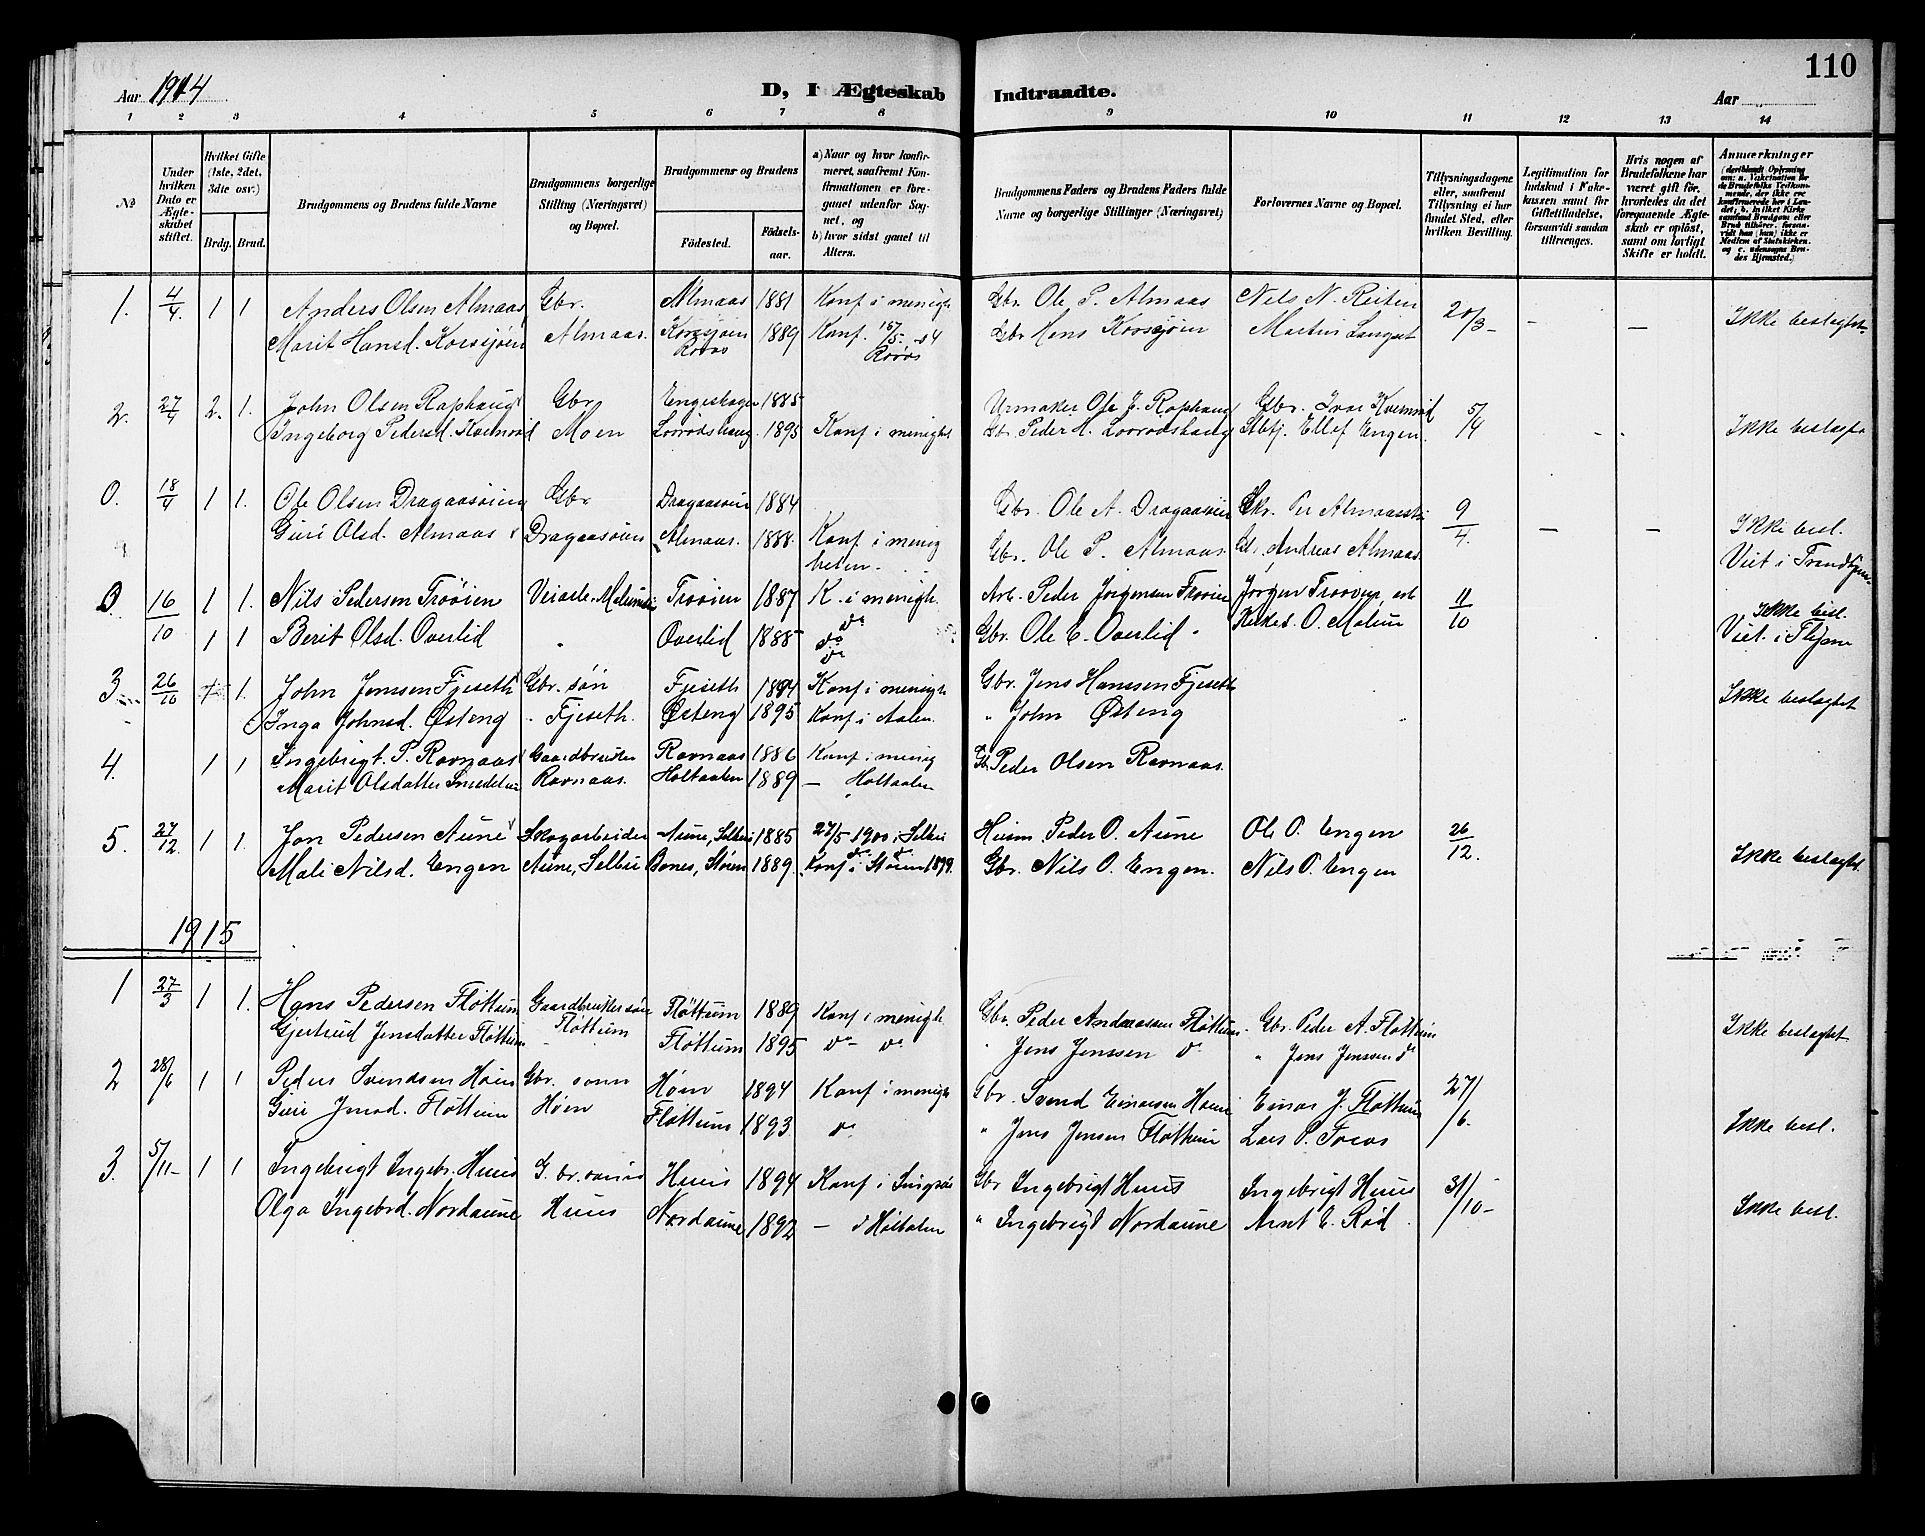 SAT, Ministerialprotokoller, klokkerbøker og fødselsregistre - Sør-Trøndelag, 688/L1029: Klokkerbok nr. 688C04, 1899-1915, s. 110